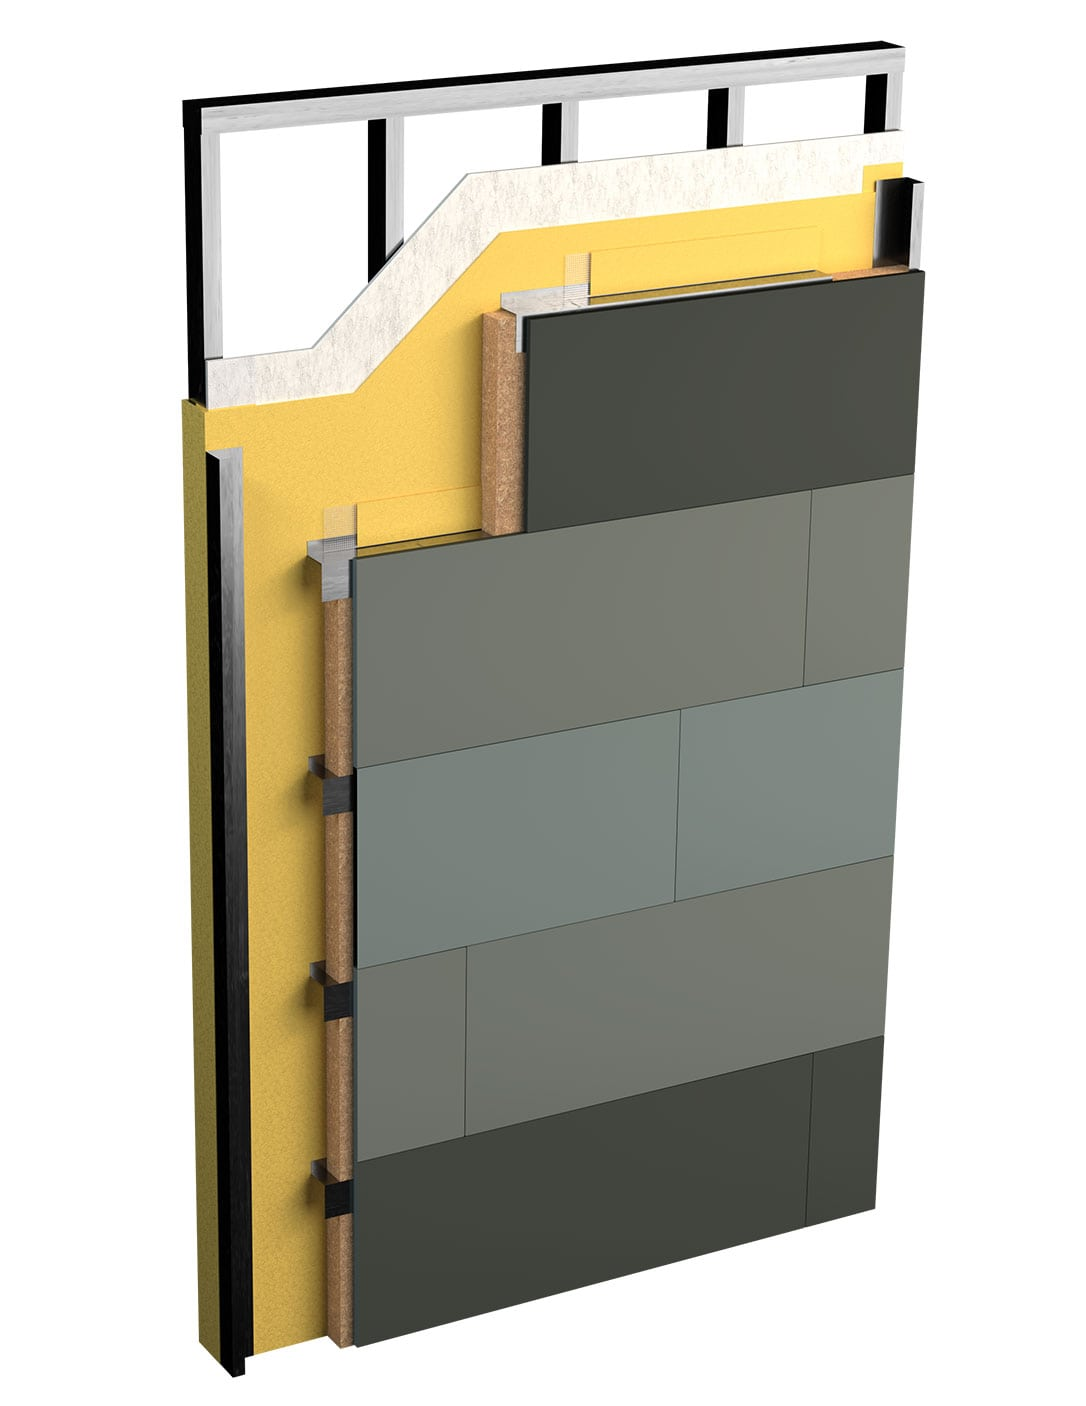 StoPanel Dri Design